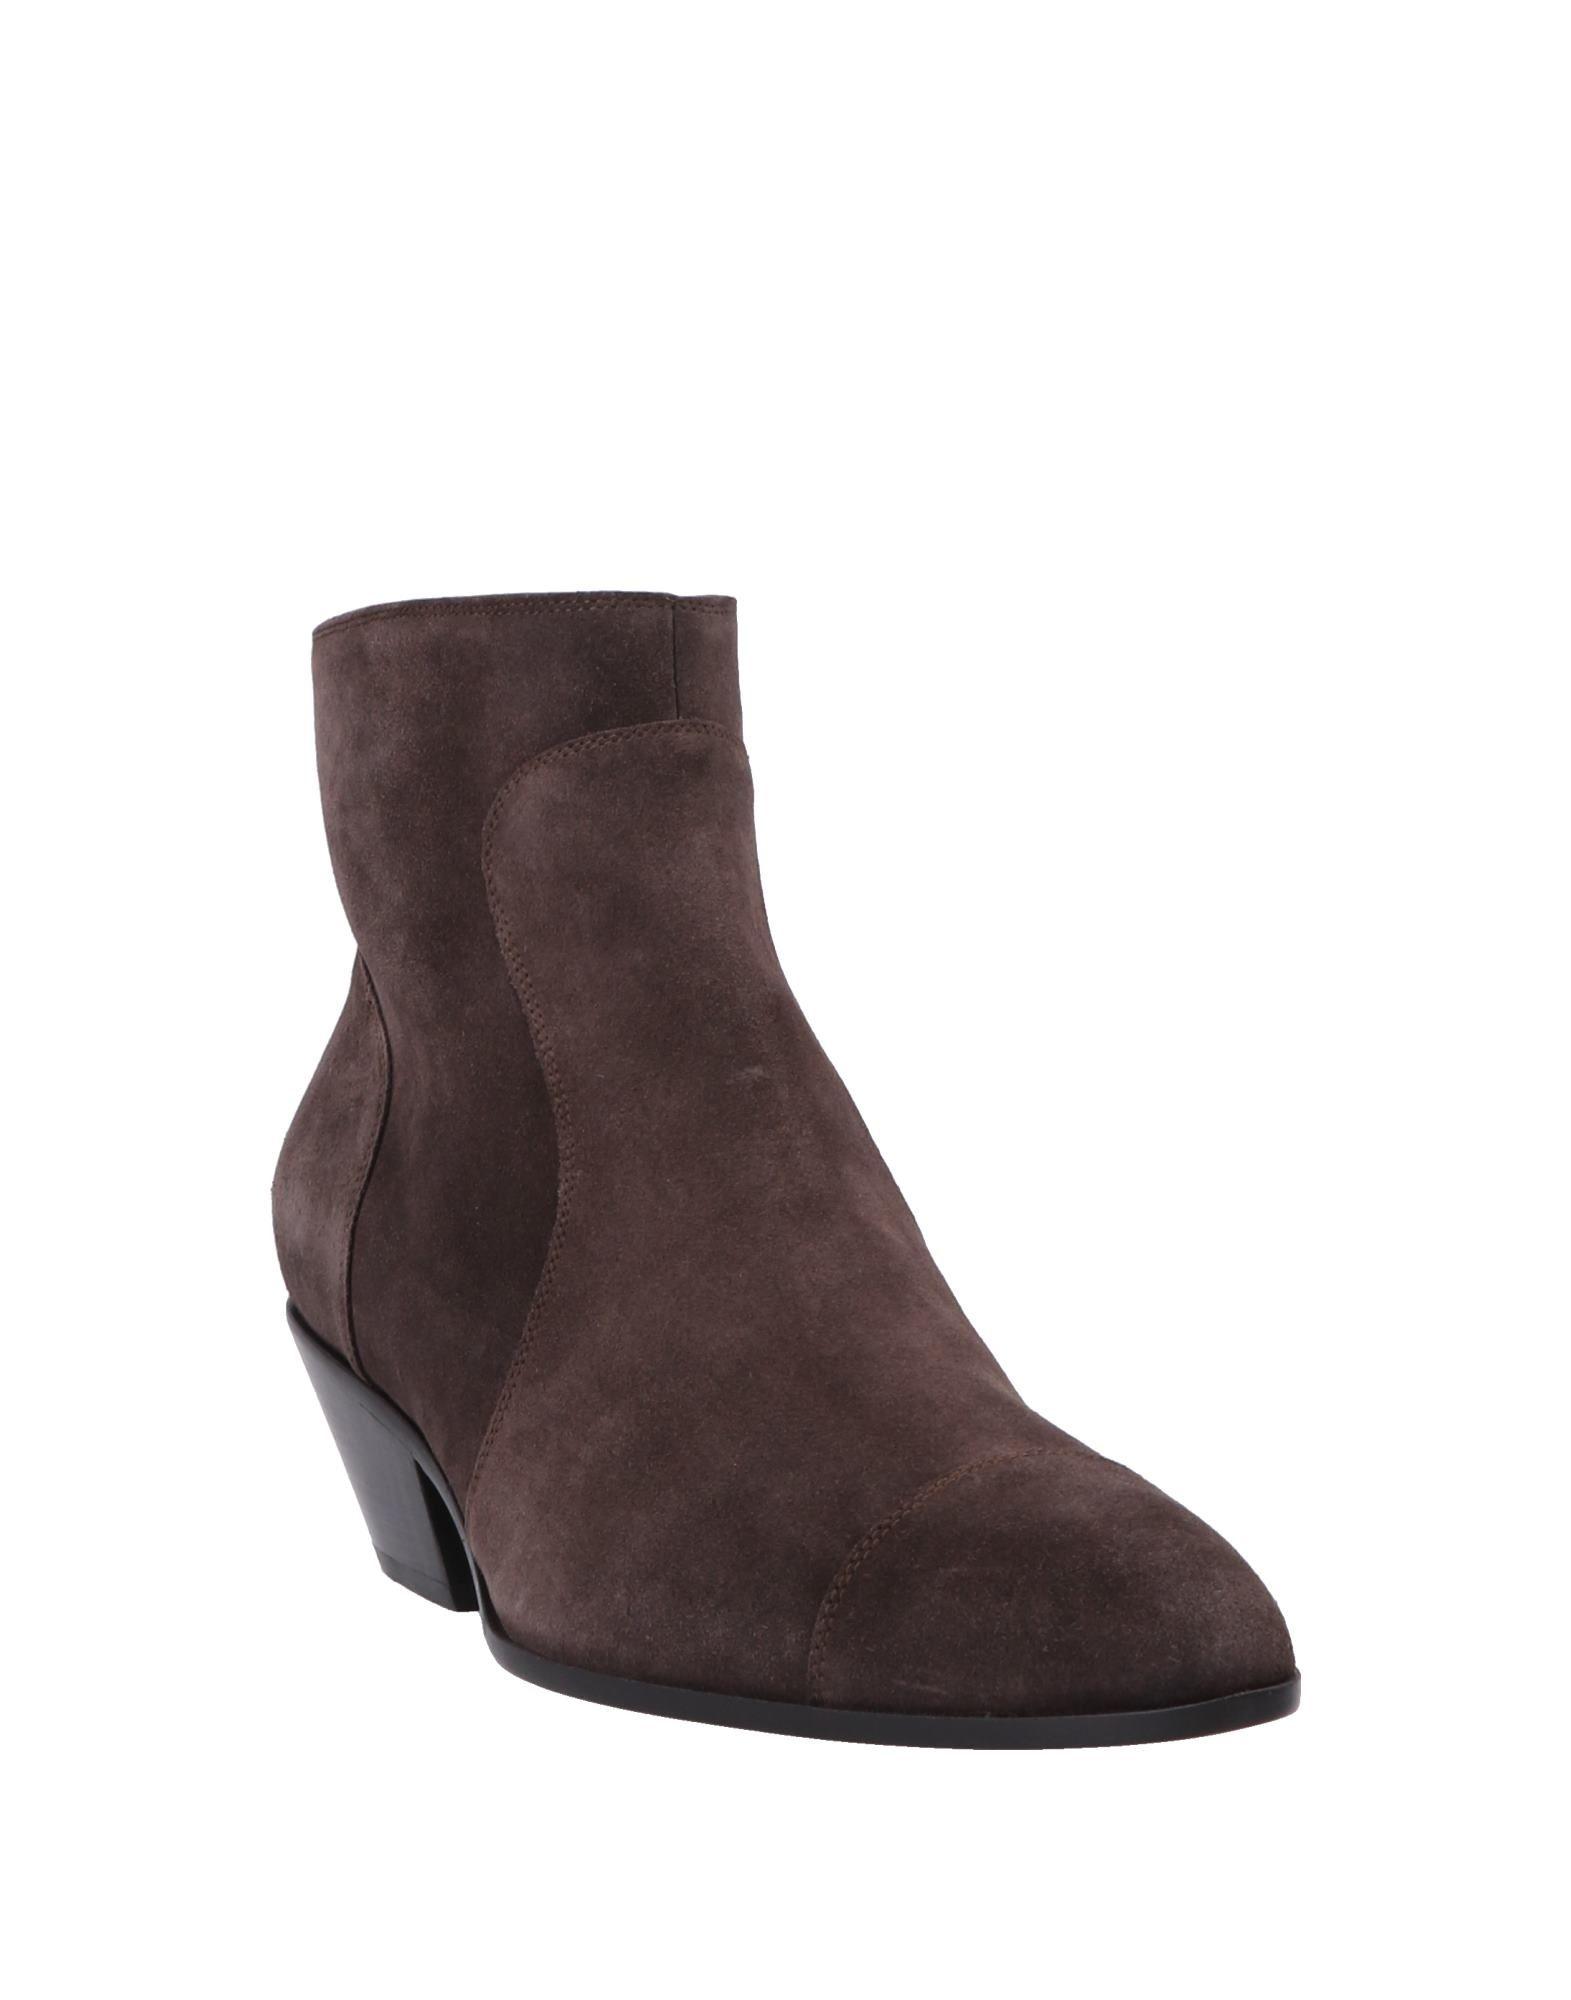 Giuseppe Zanotti Stiefelette Herren  11554638WC Gute Qualität beliebte Schuhe